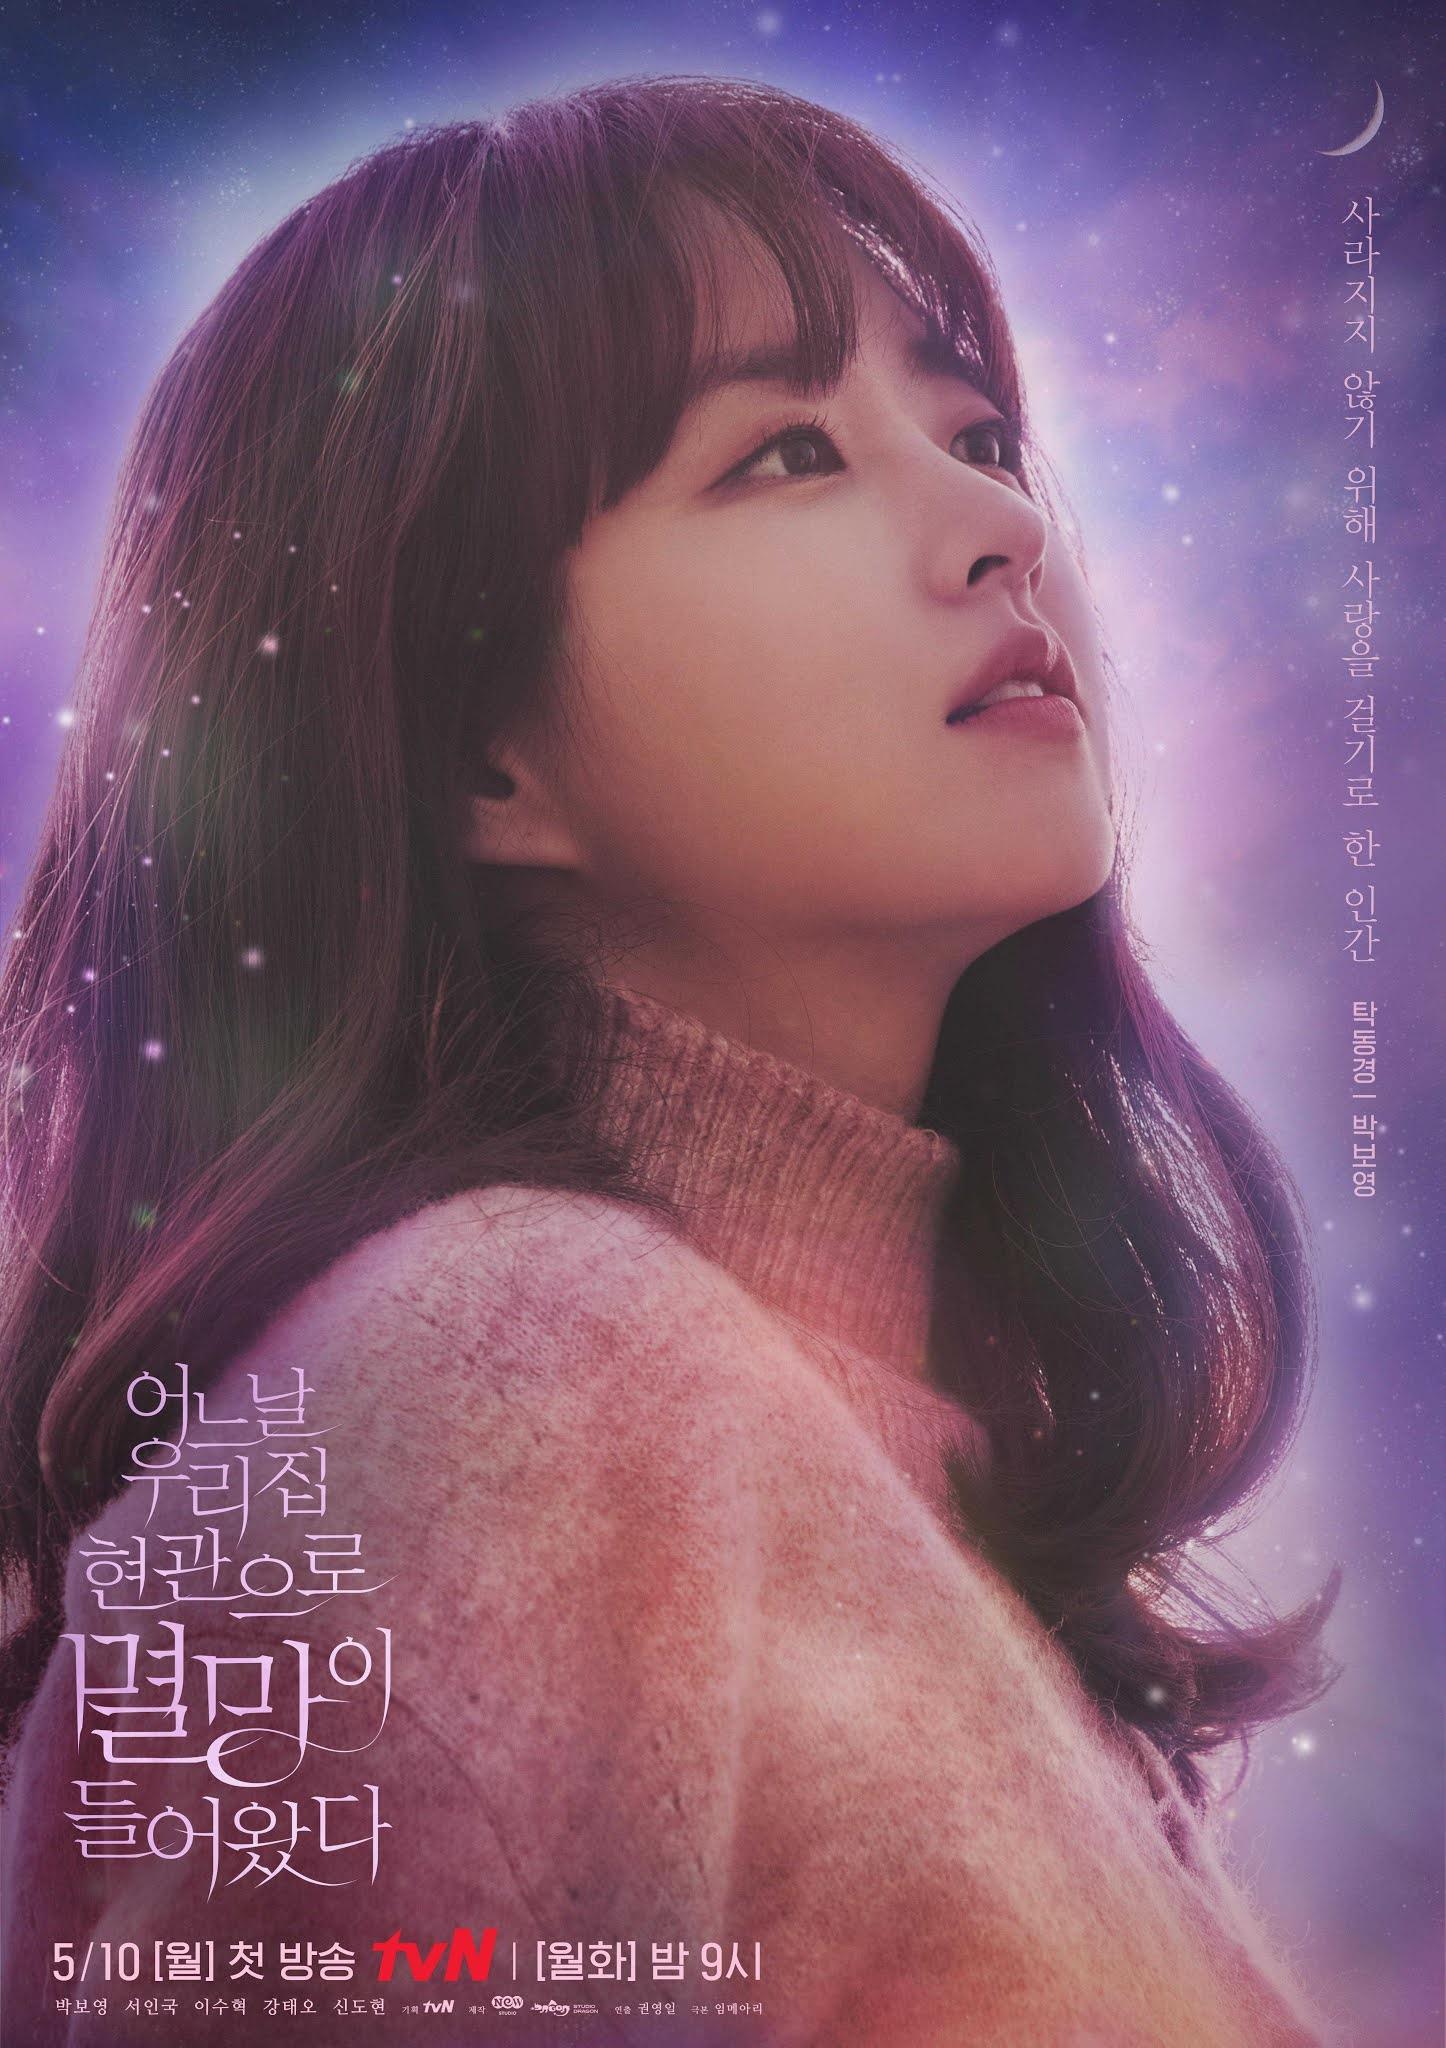 박보영 png 어느 날 우리 집 현관으로 멸망이 들어왔다 스틸컷 포스터